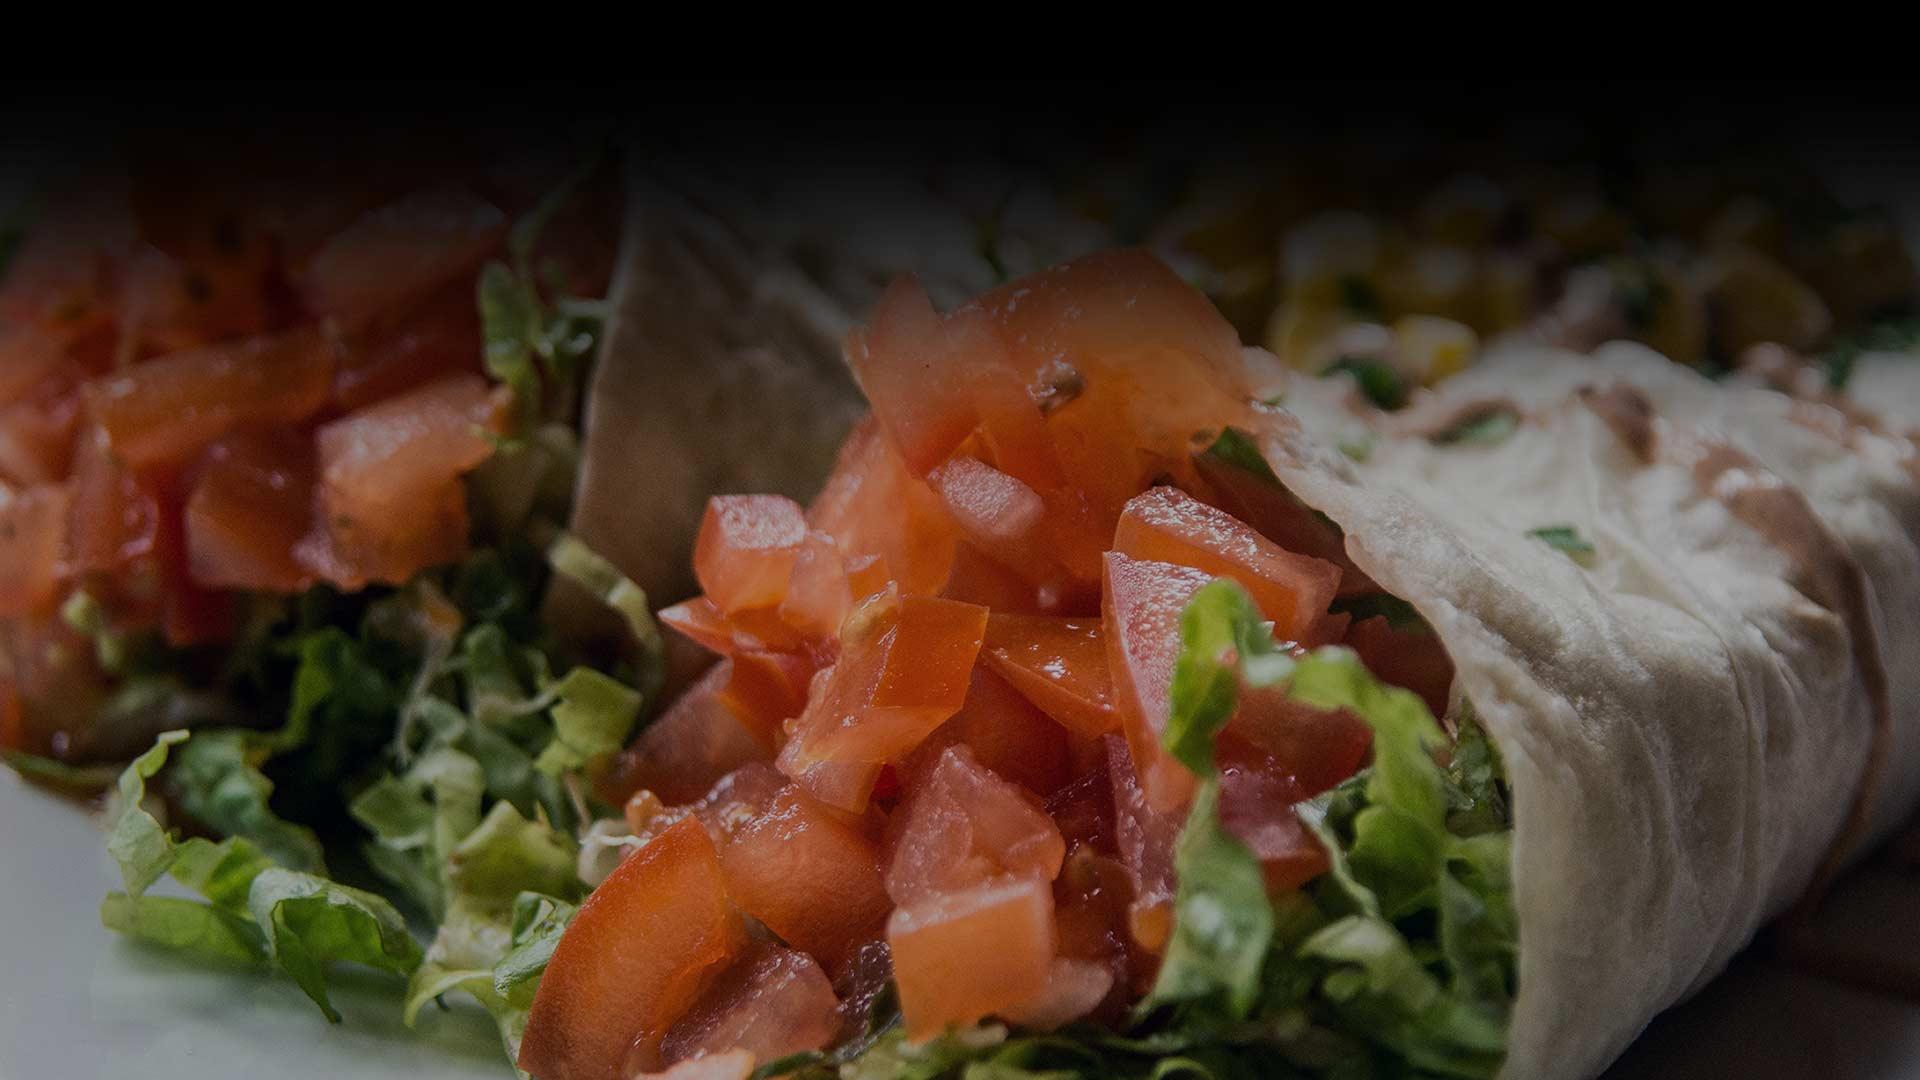 Burritos Tempe AZ